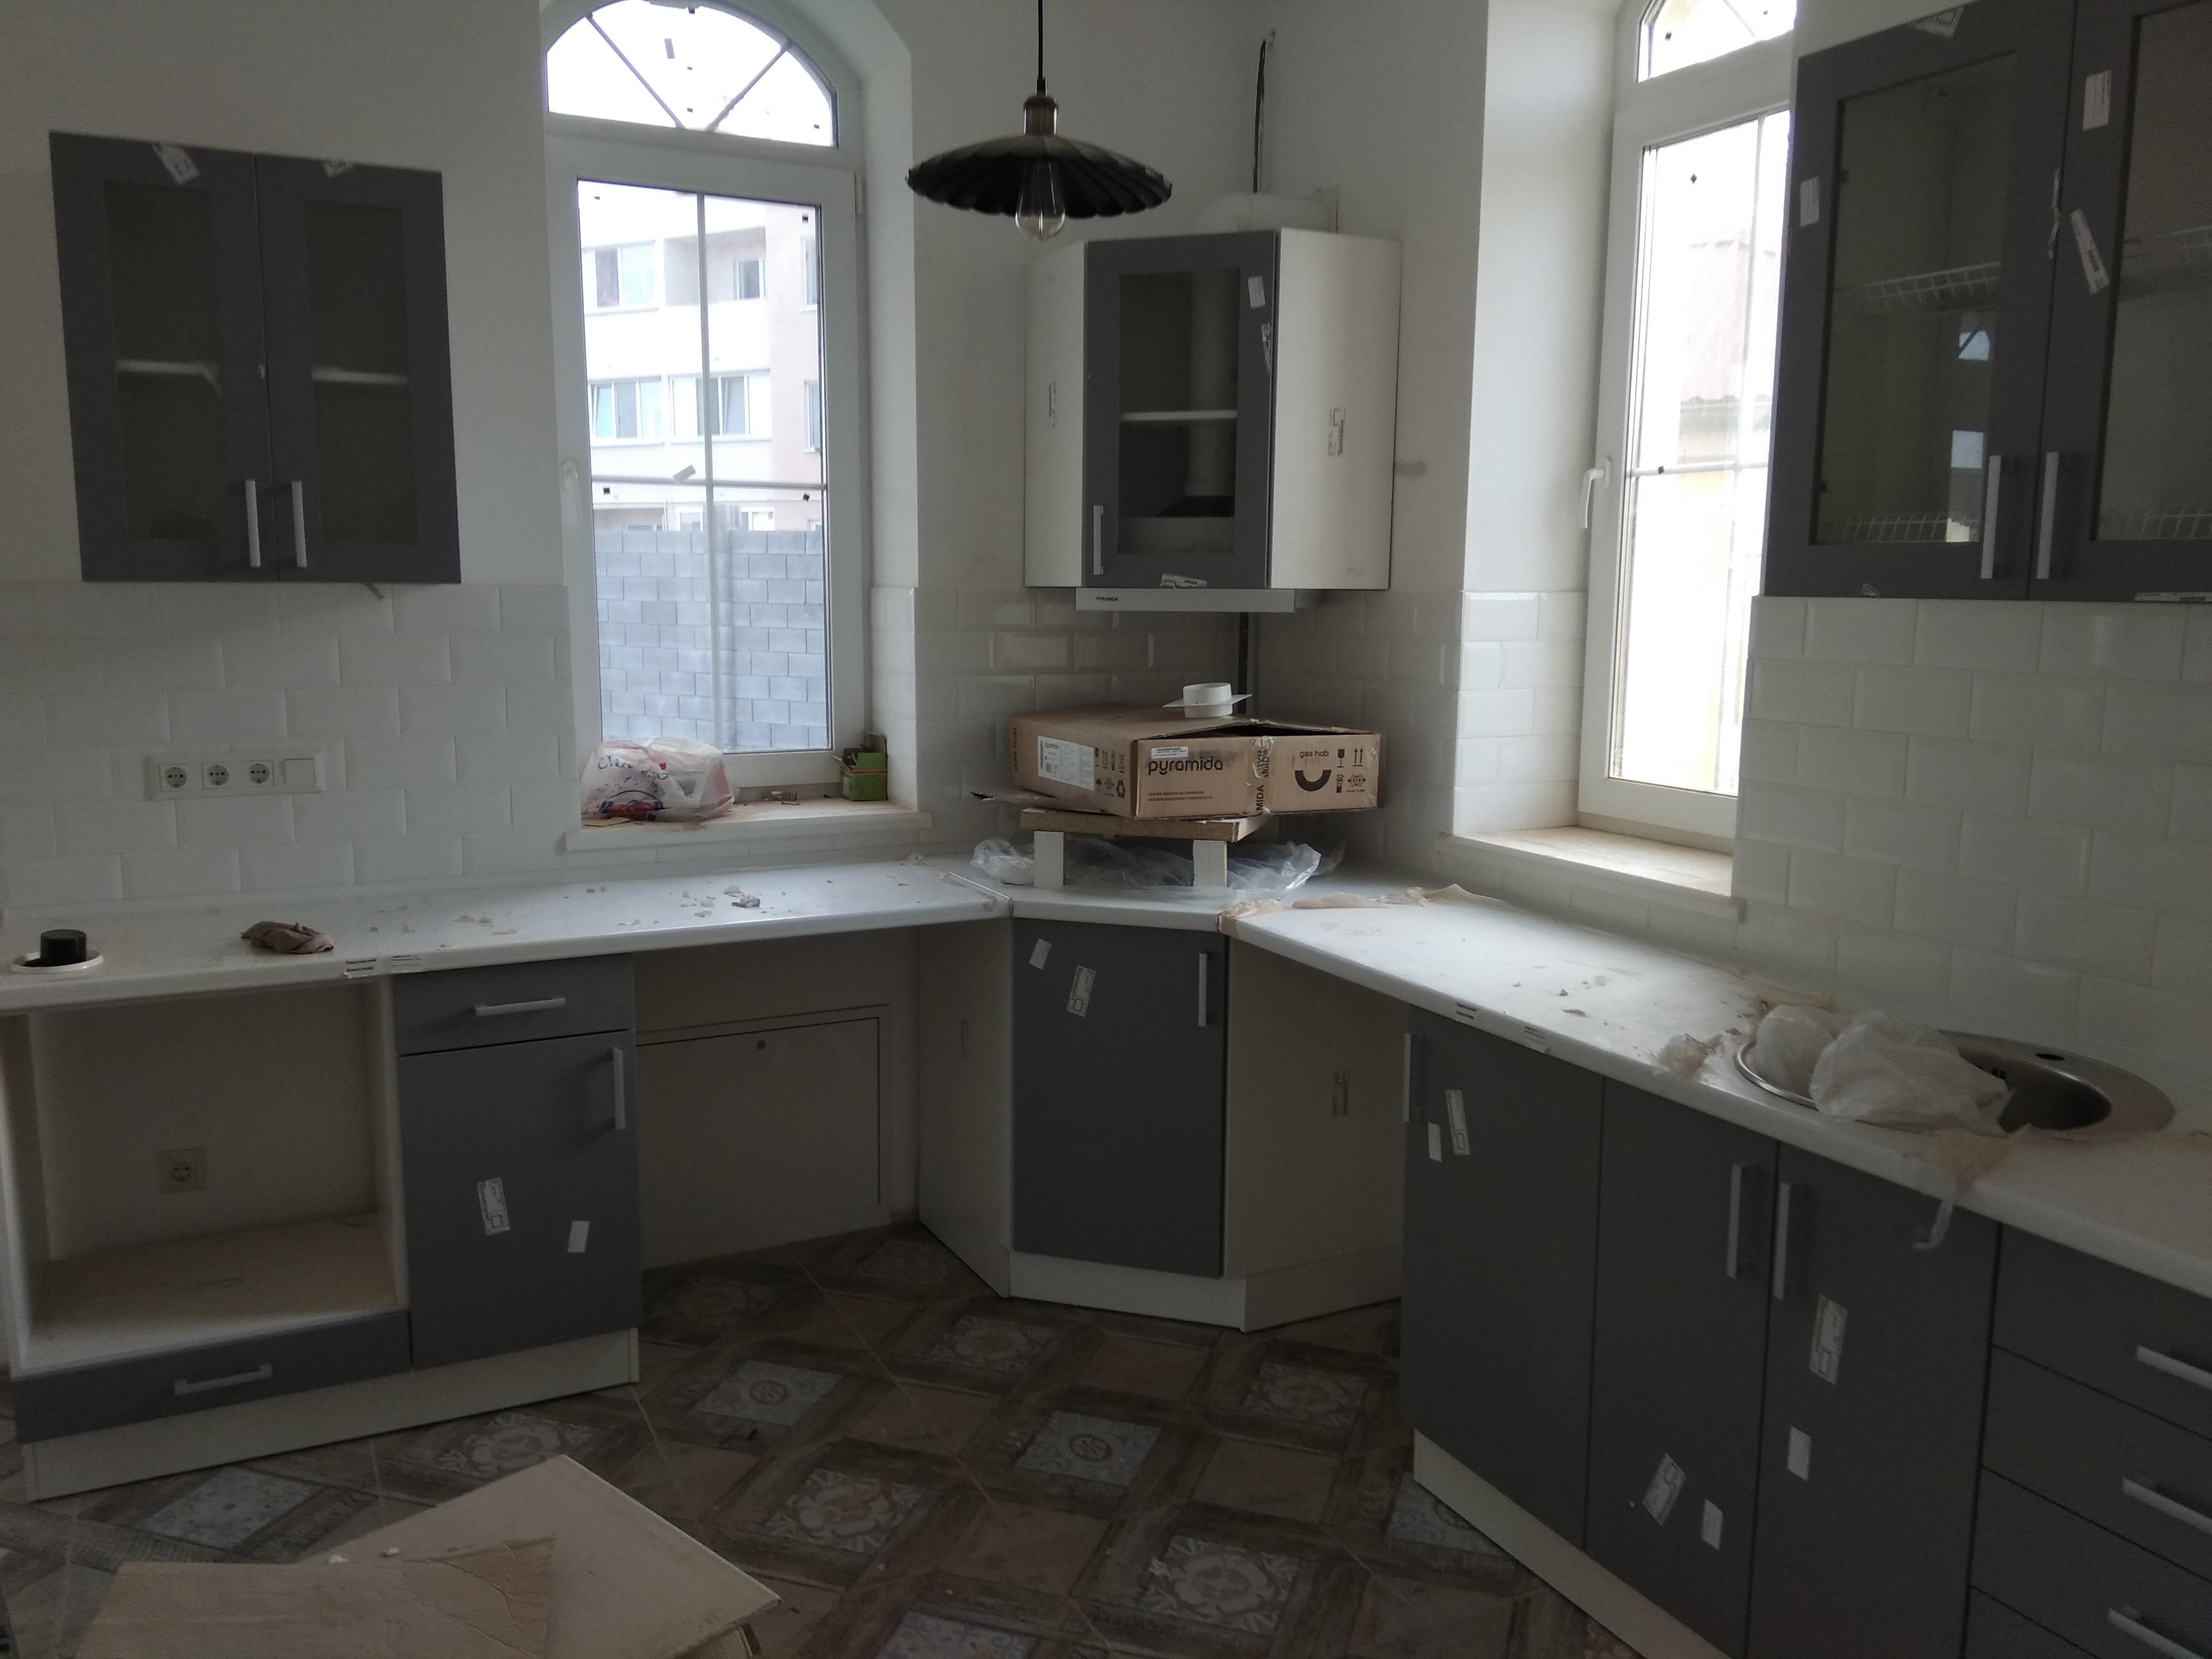 Фото Сборка установка подключение кухни